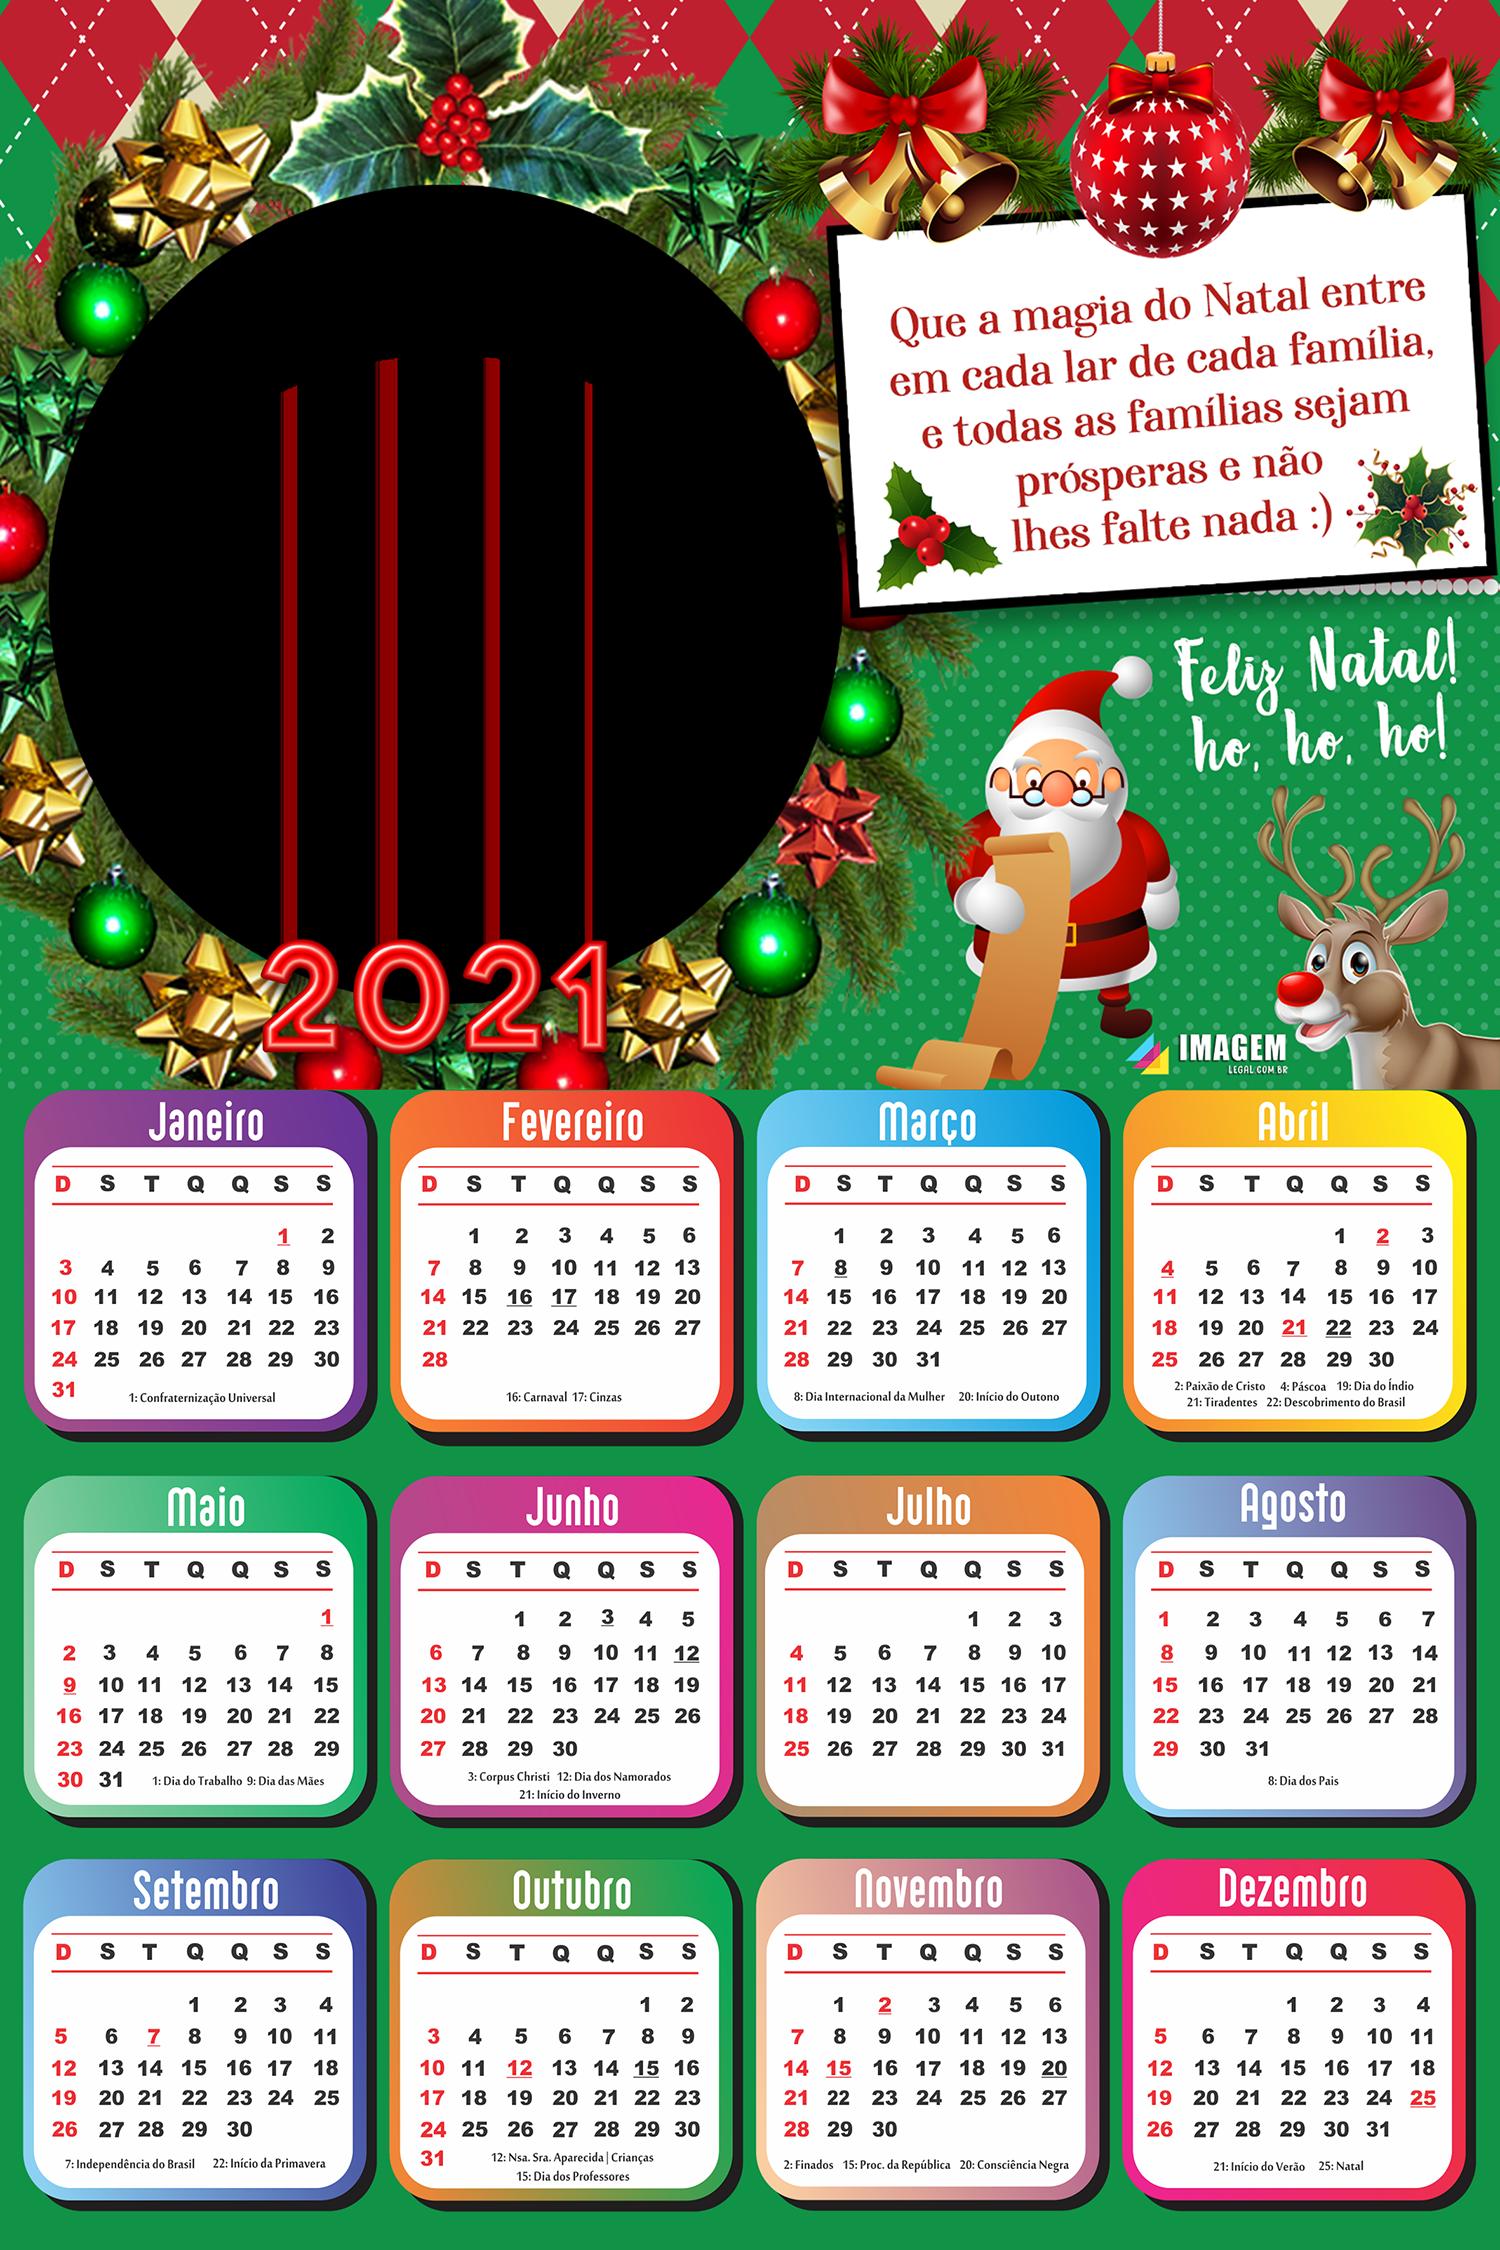 Calendário 2021 Que a magia do Natal entre em cada lar